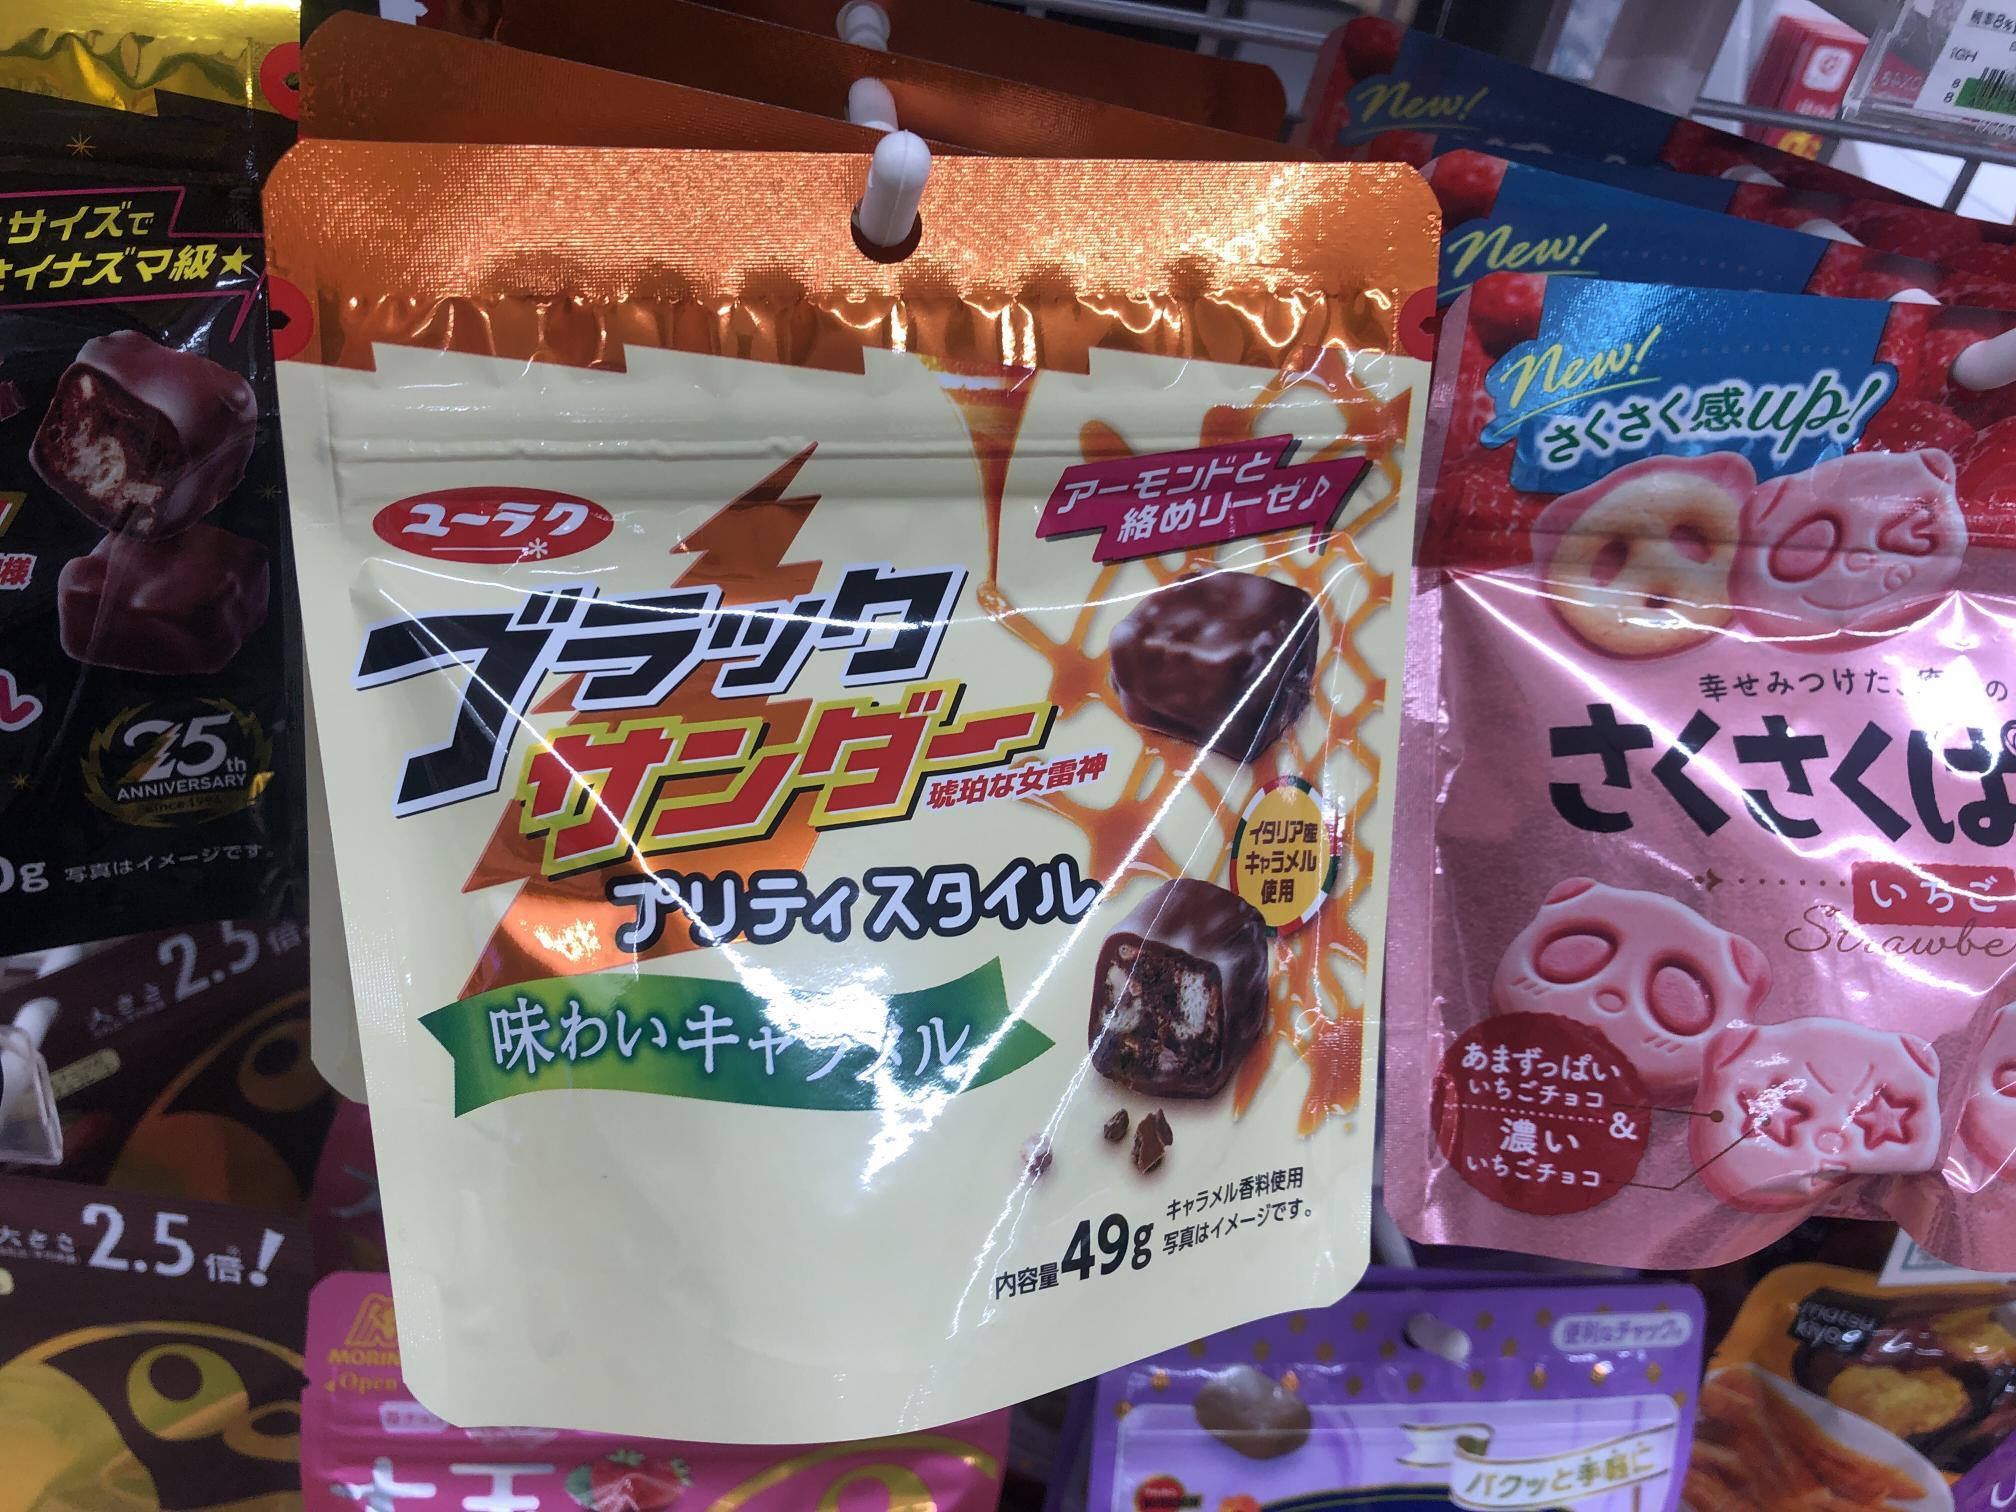 在库处理:便携小包装雷神巧克力 奶糖...